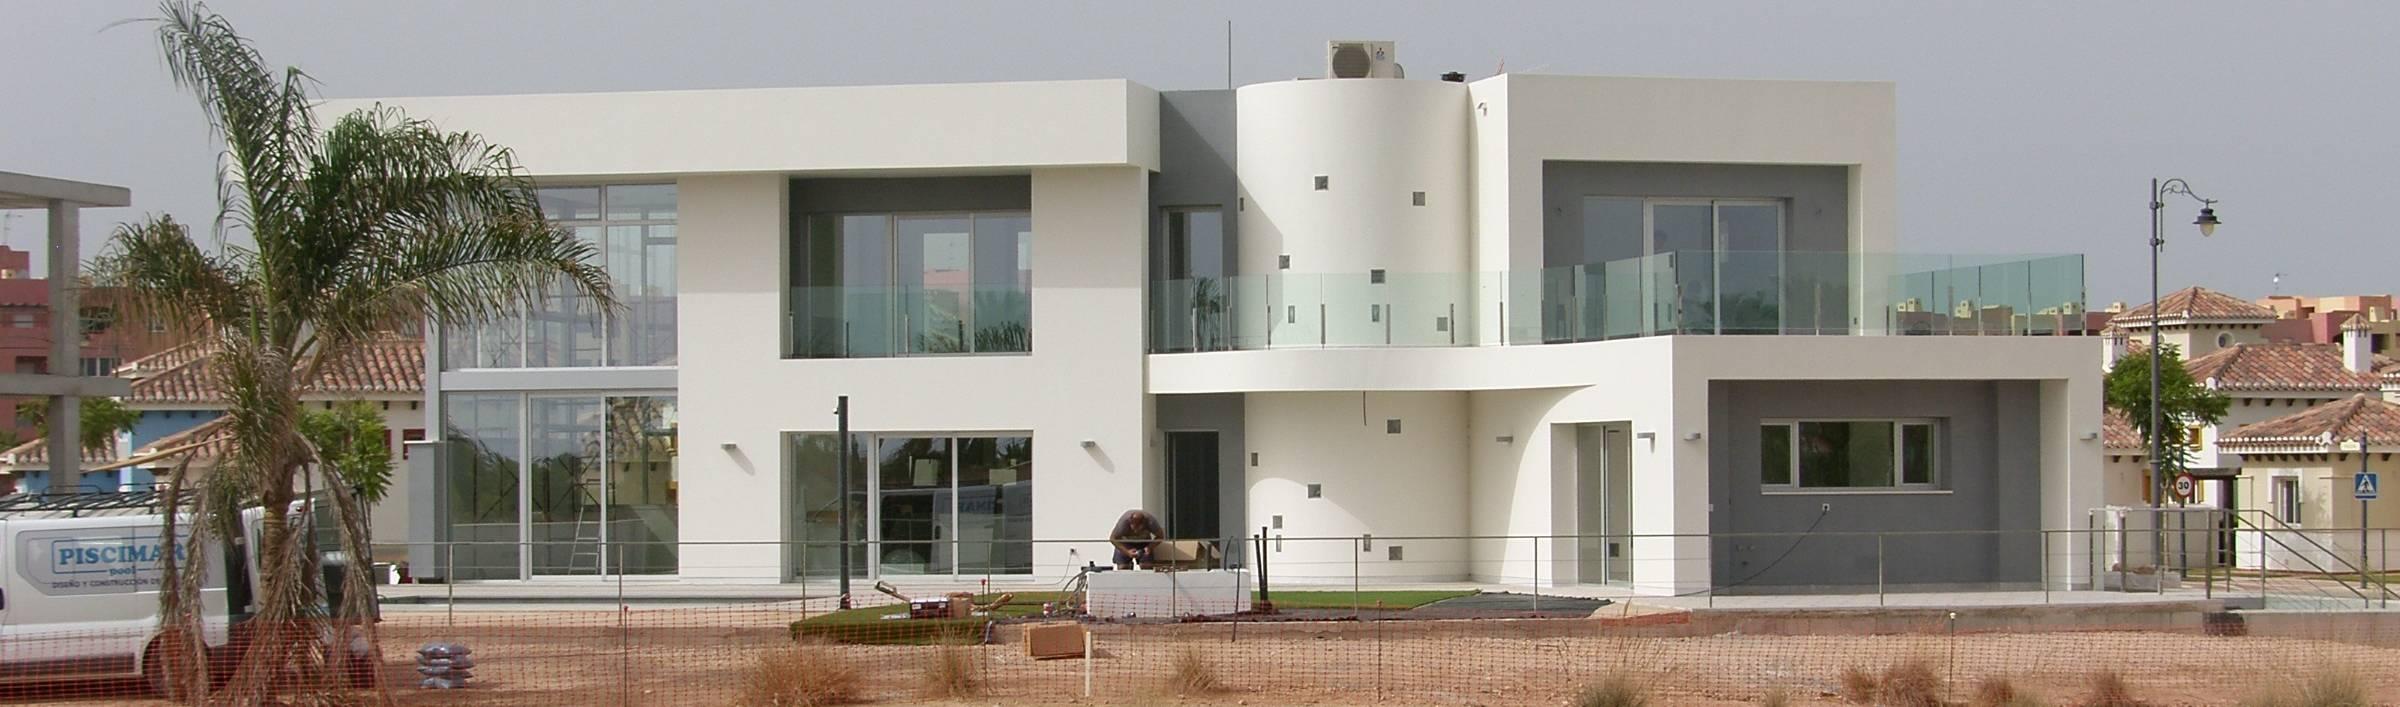 J44 de estudio de arquitectura interiorismo decoraci n y urbanismo homify - Estudios de interiorismo y decoracion ...